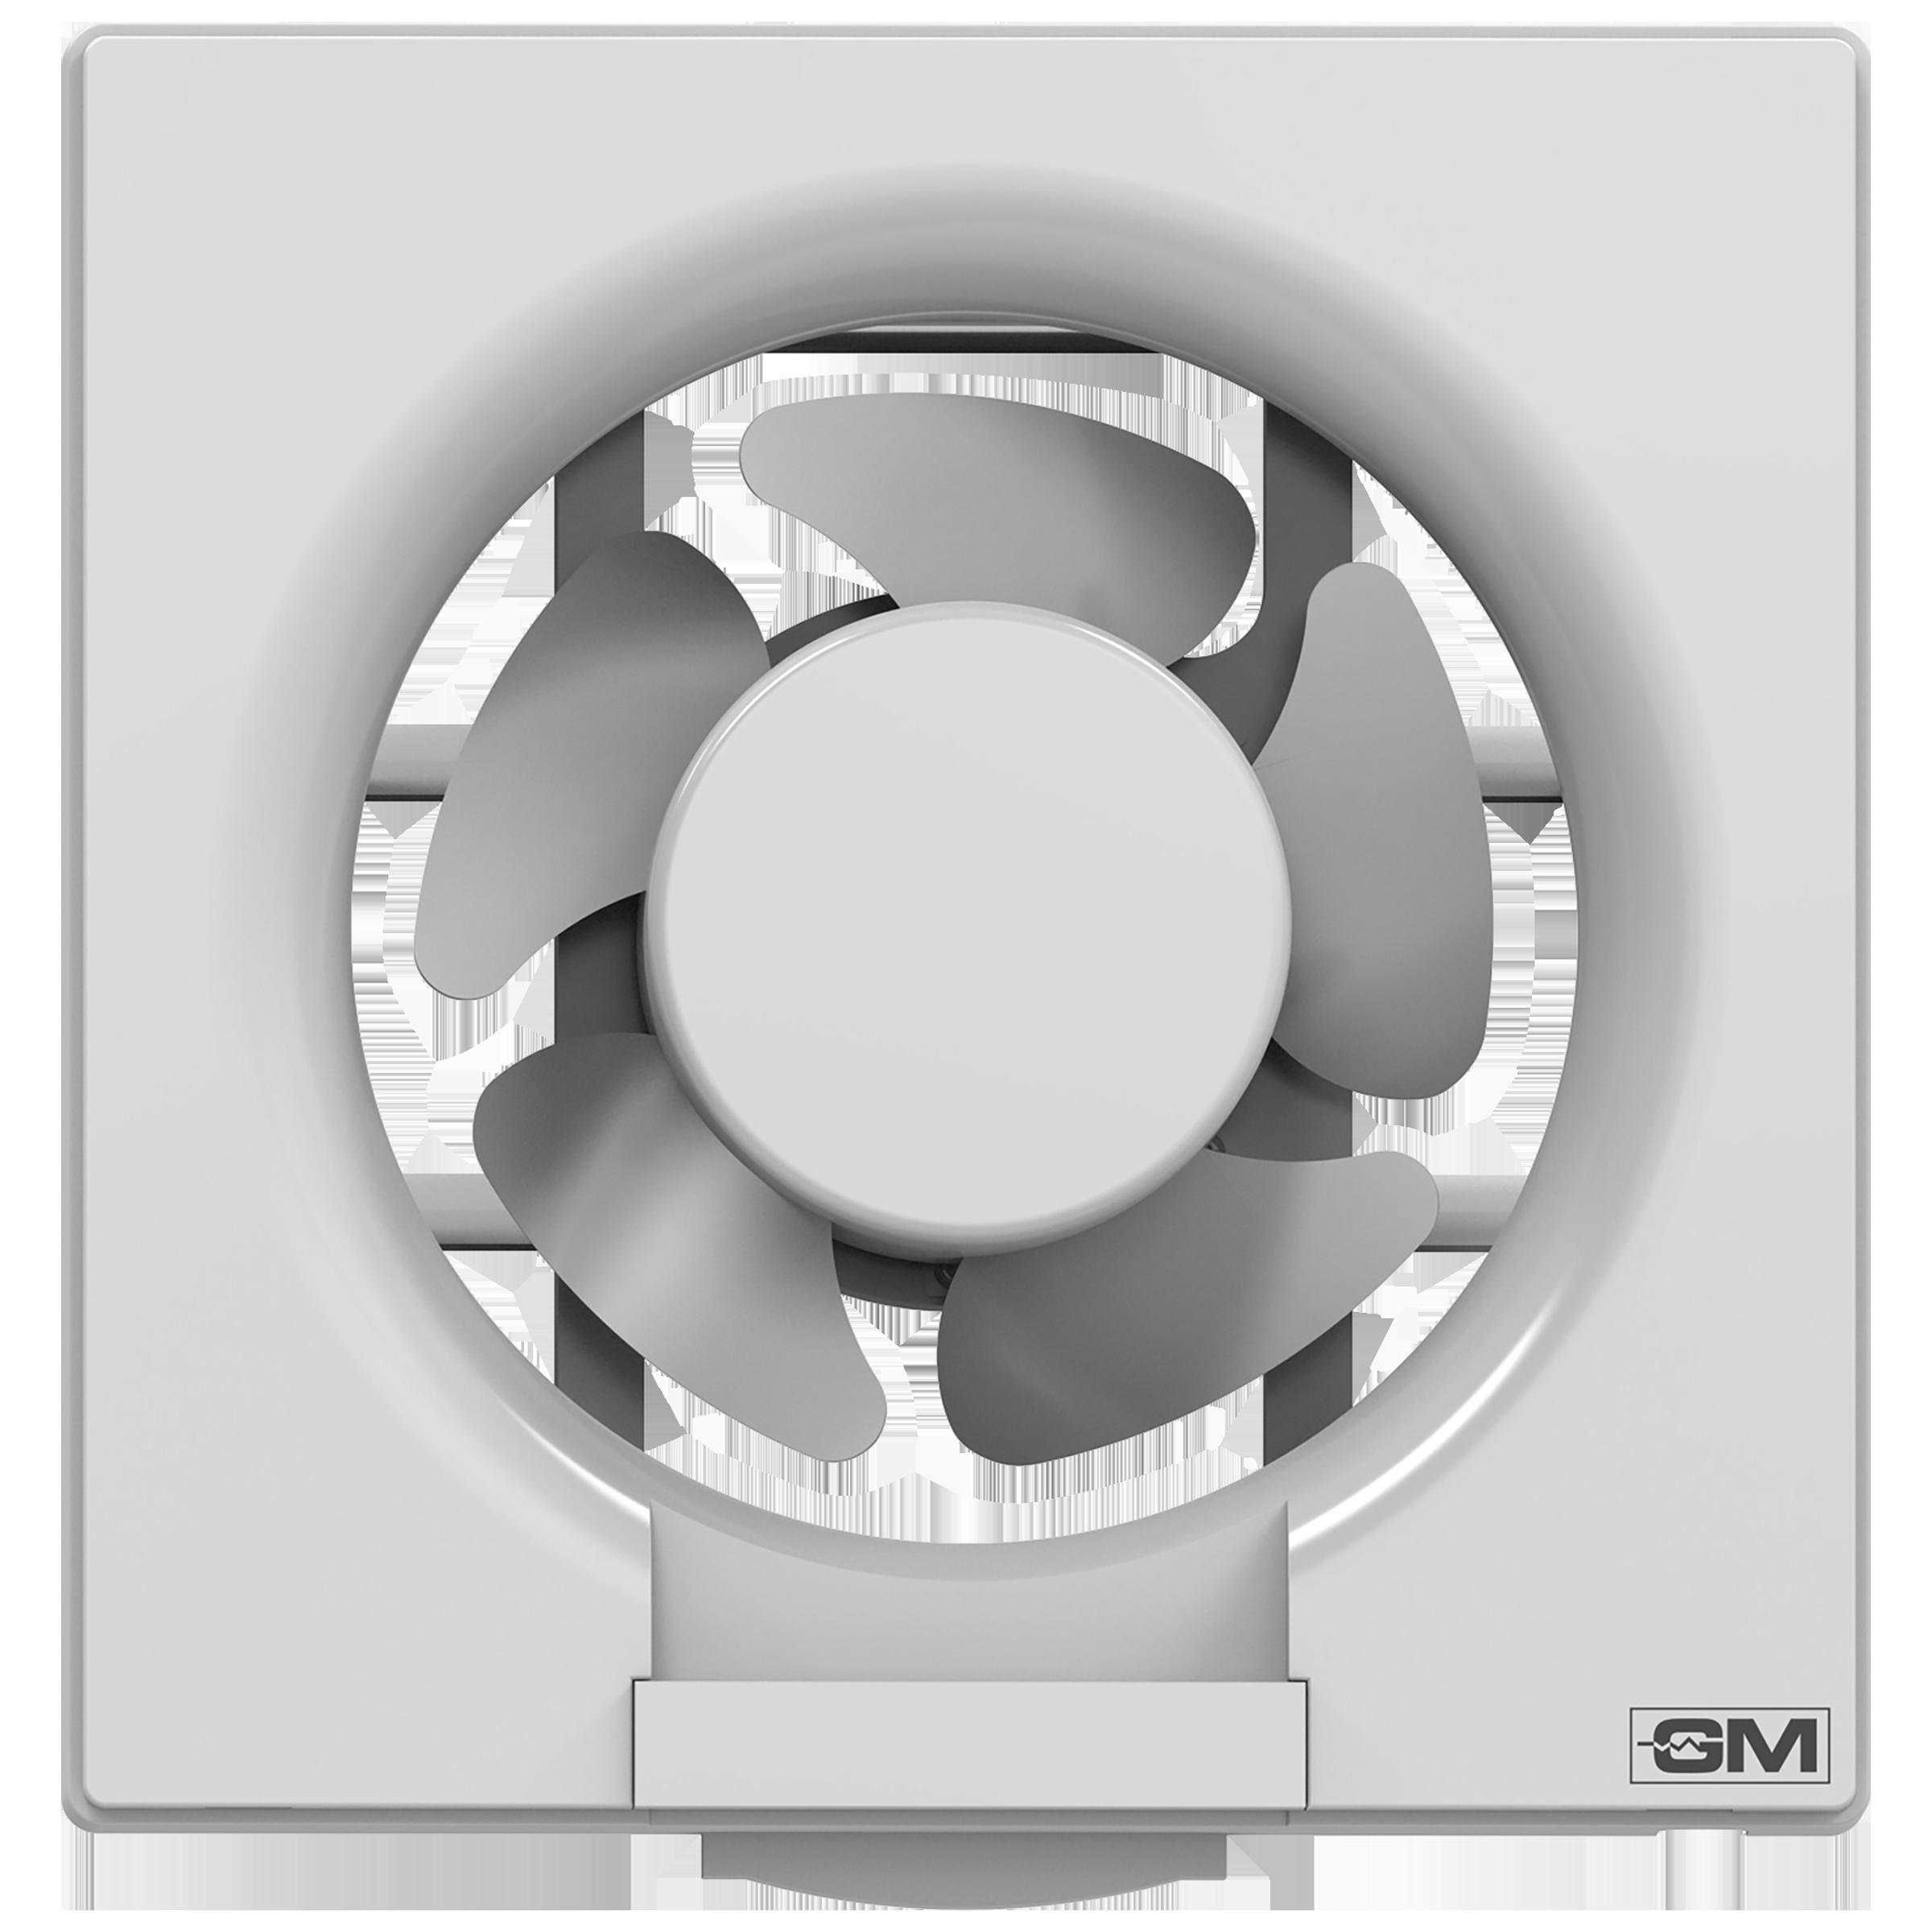 GM Eco Air 25 cm Sweep Exhaust Fan (Noiseless Fan, VFB100014WHGL, White)_1